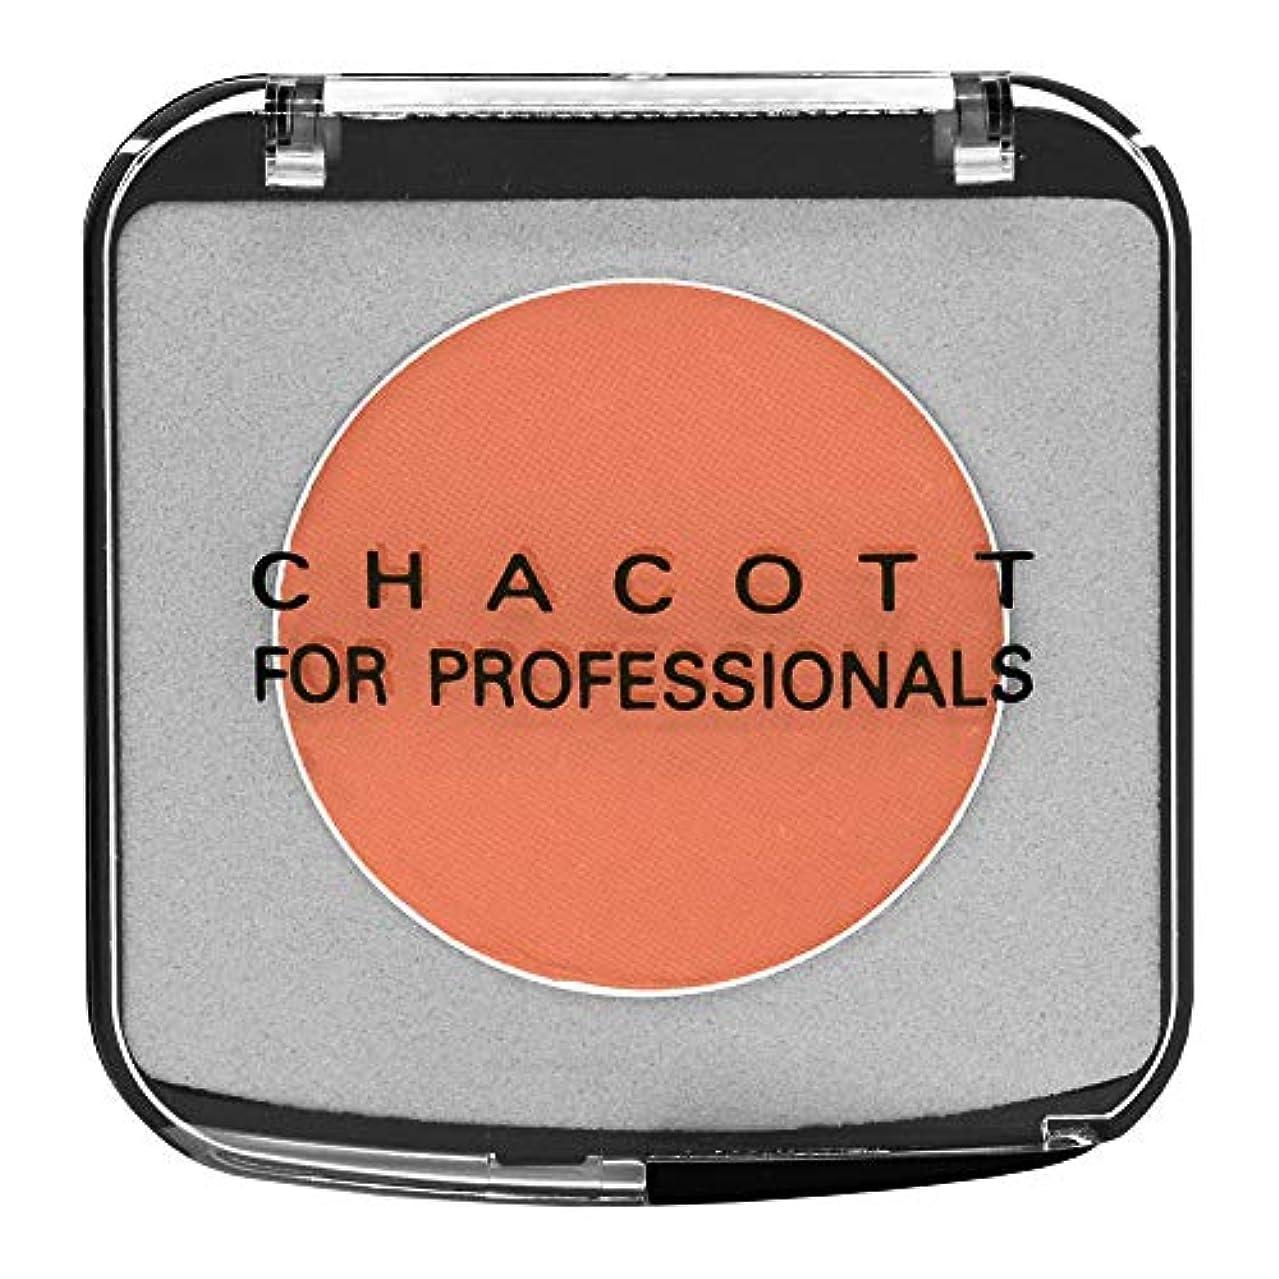 ダイバー怠な会員CHACOTT<チャコット> カラーバリエーション 623.パンプキン